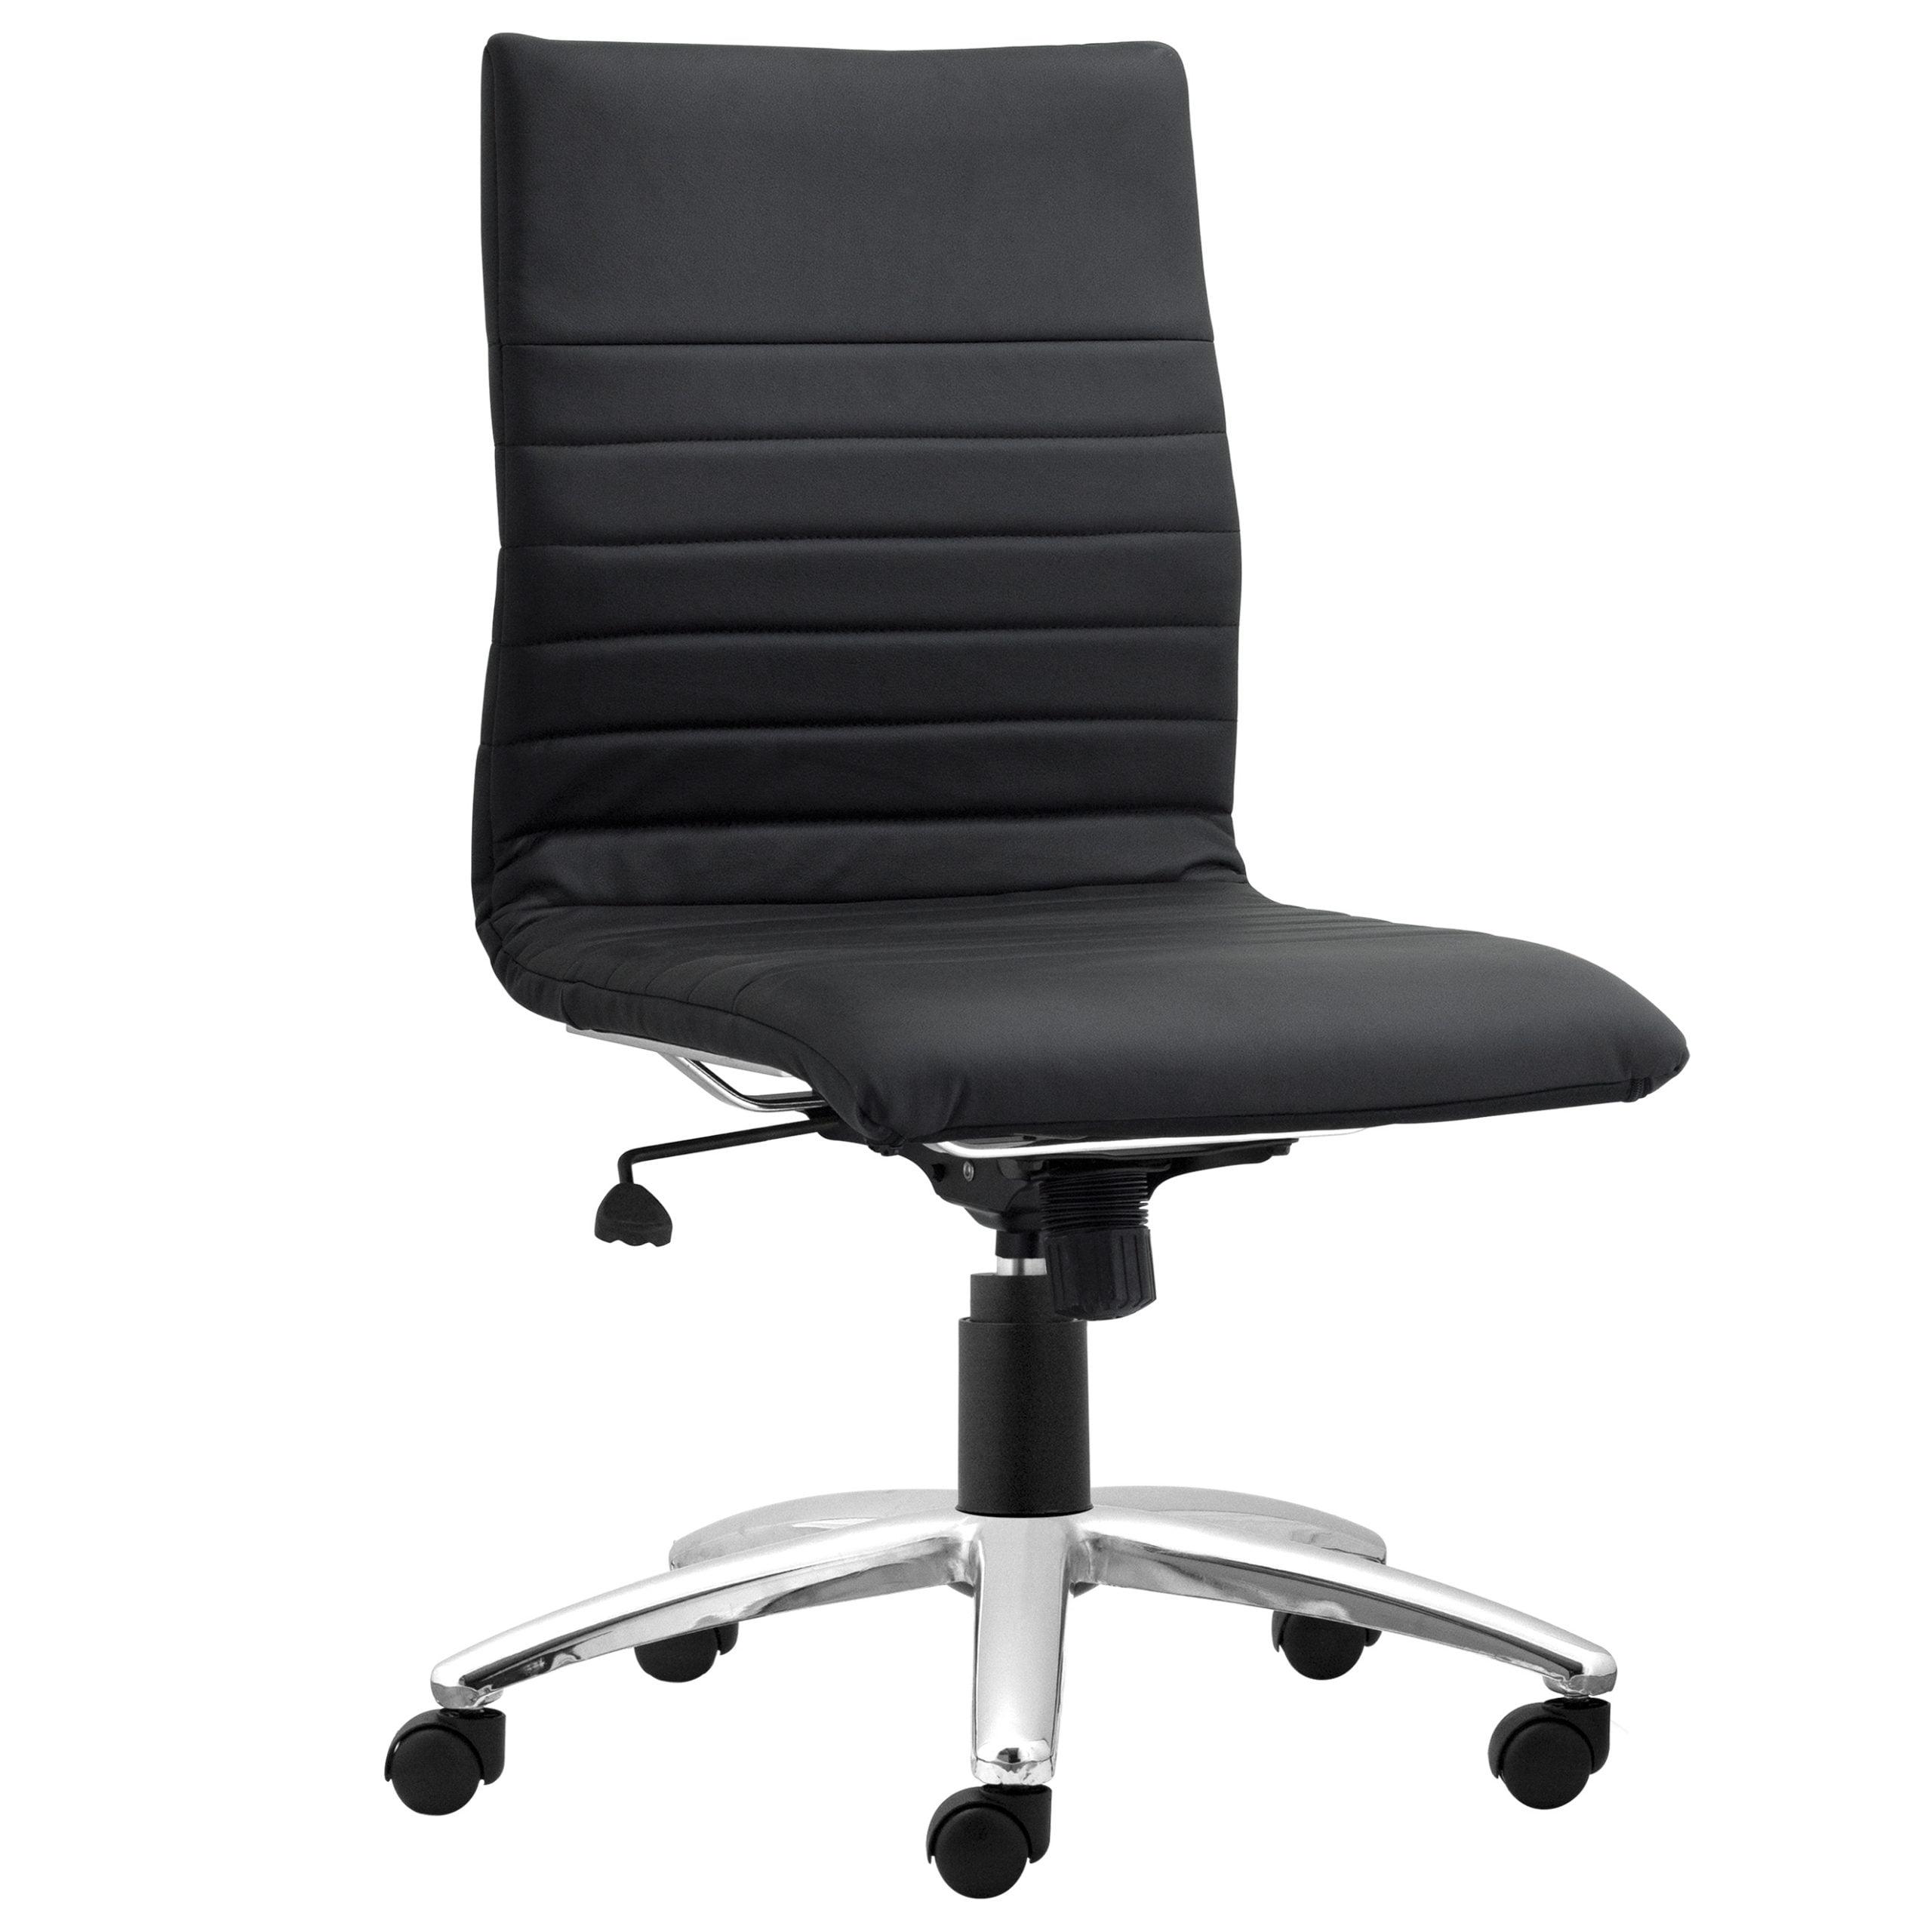 Modena Armless Task Chair - Black